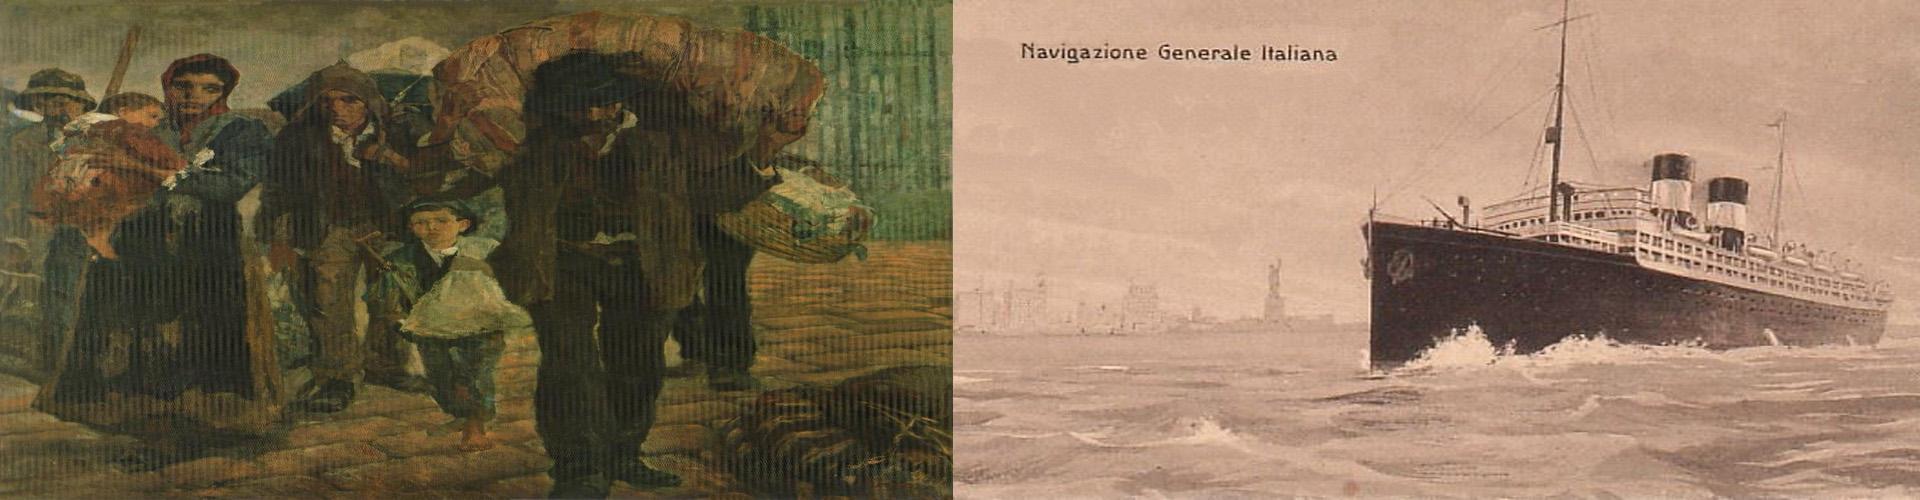 """Montagem: quadro """"Os imigrantes"""", de Antonio Rocco (1910), e navio italiano."""